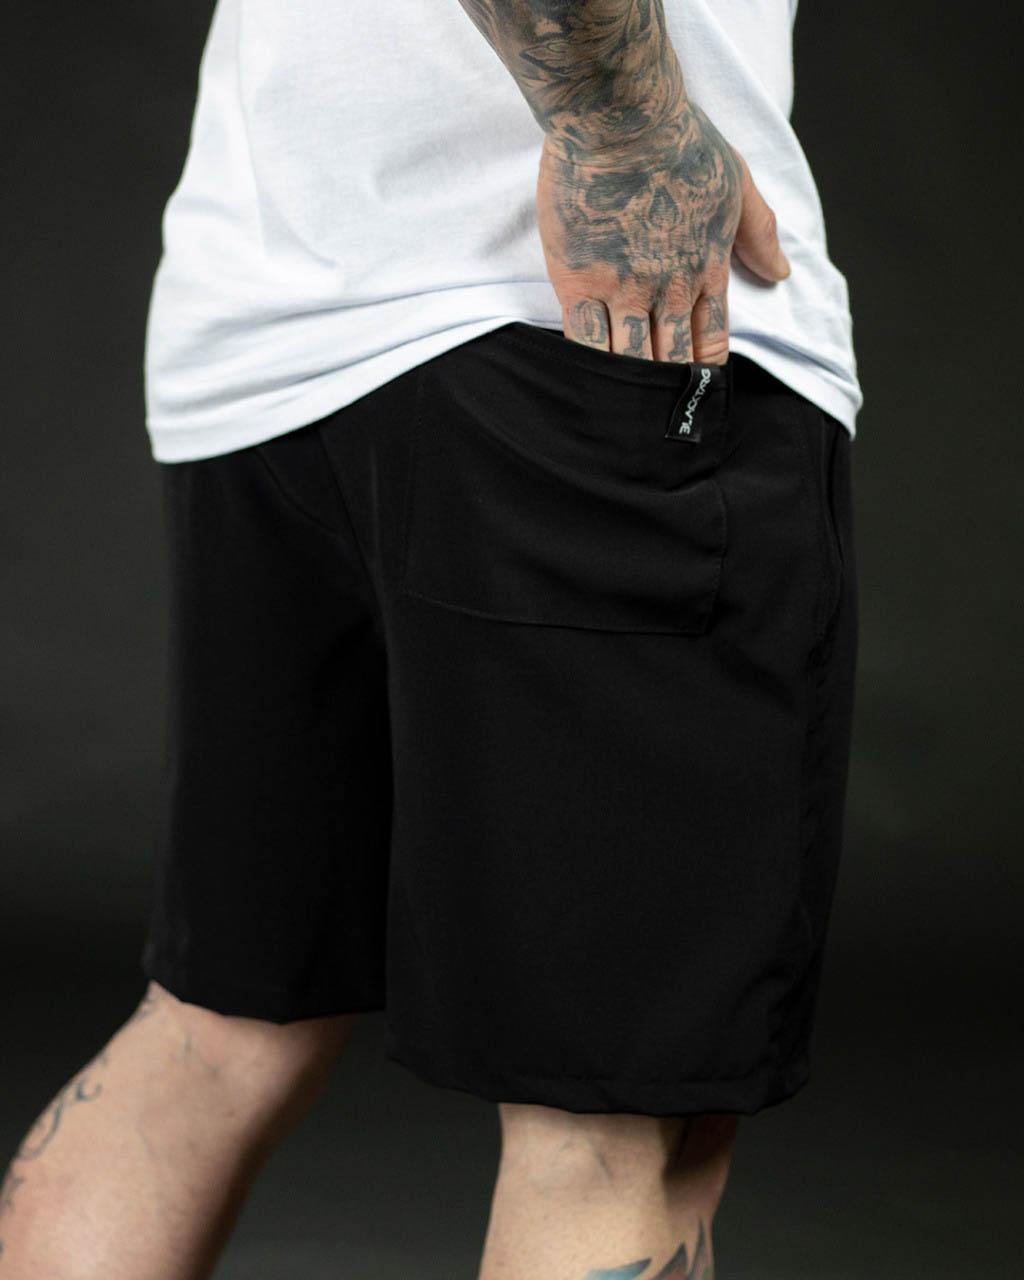 Kit Black - 2 Shorts Max - Intense Black Training